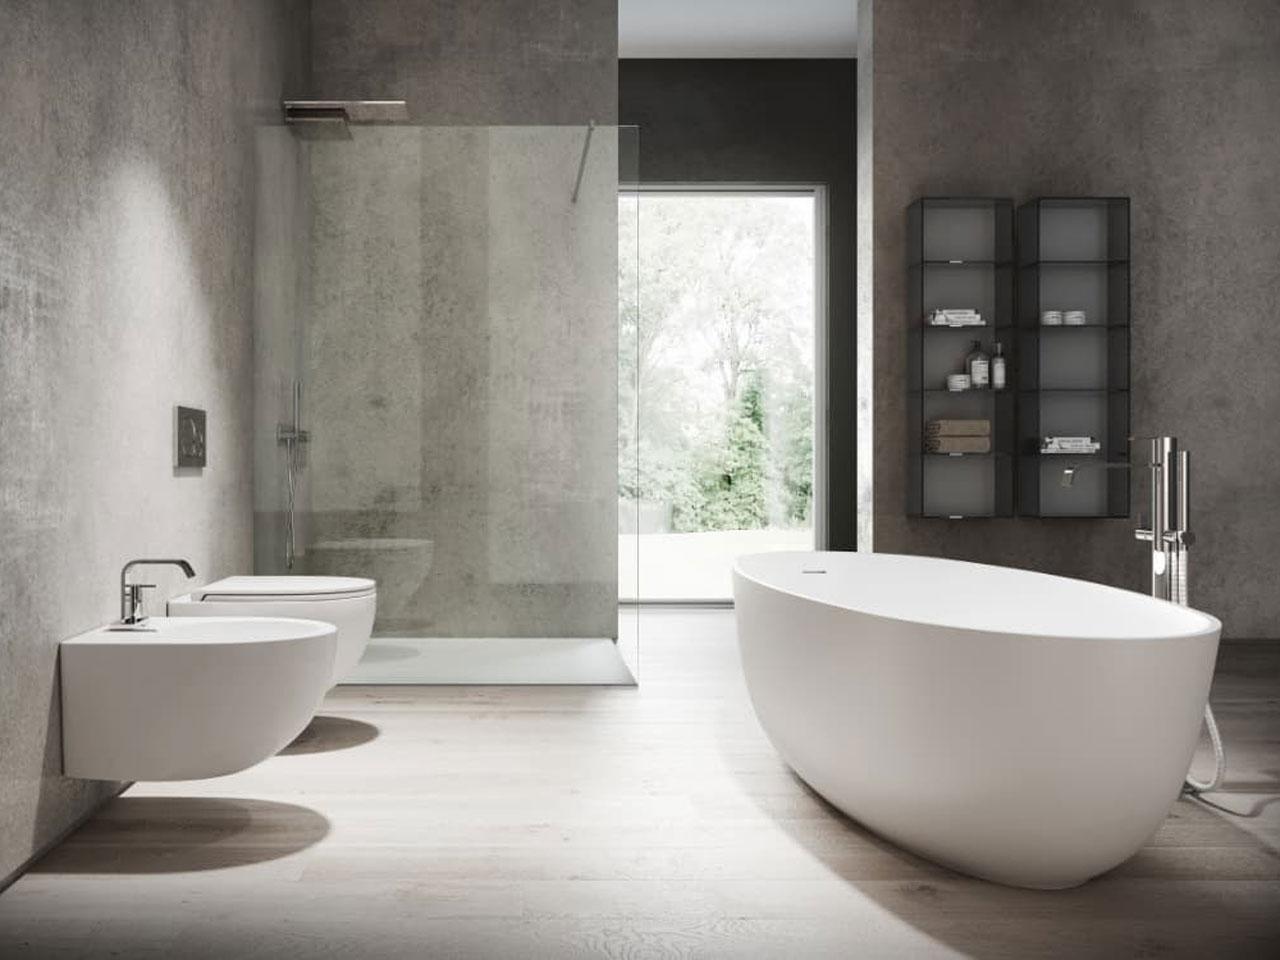 Bagnoidea prodotti e tendenze per arredare il bagno for Bagni di design 2016